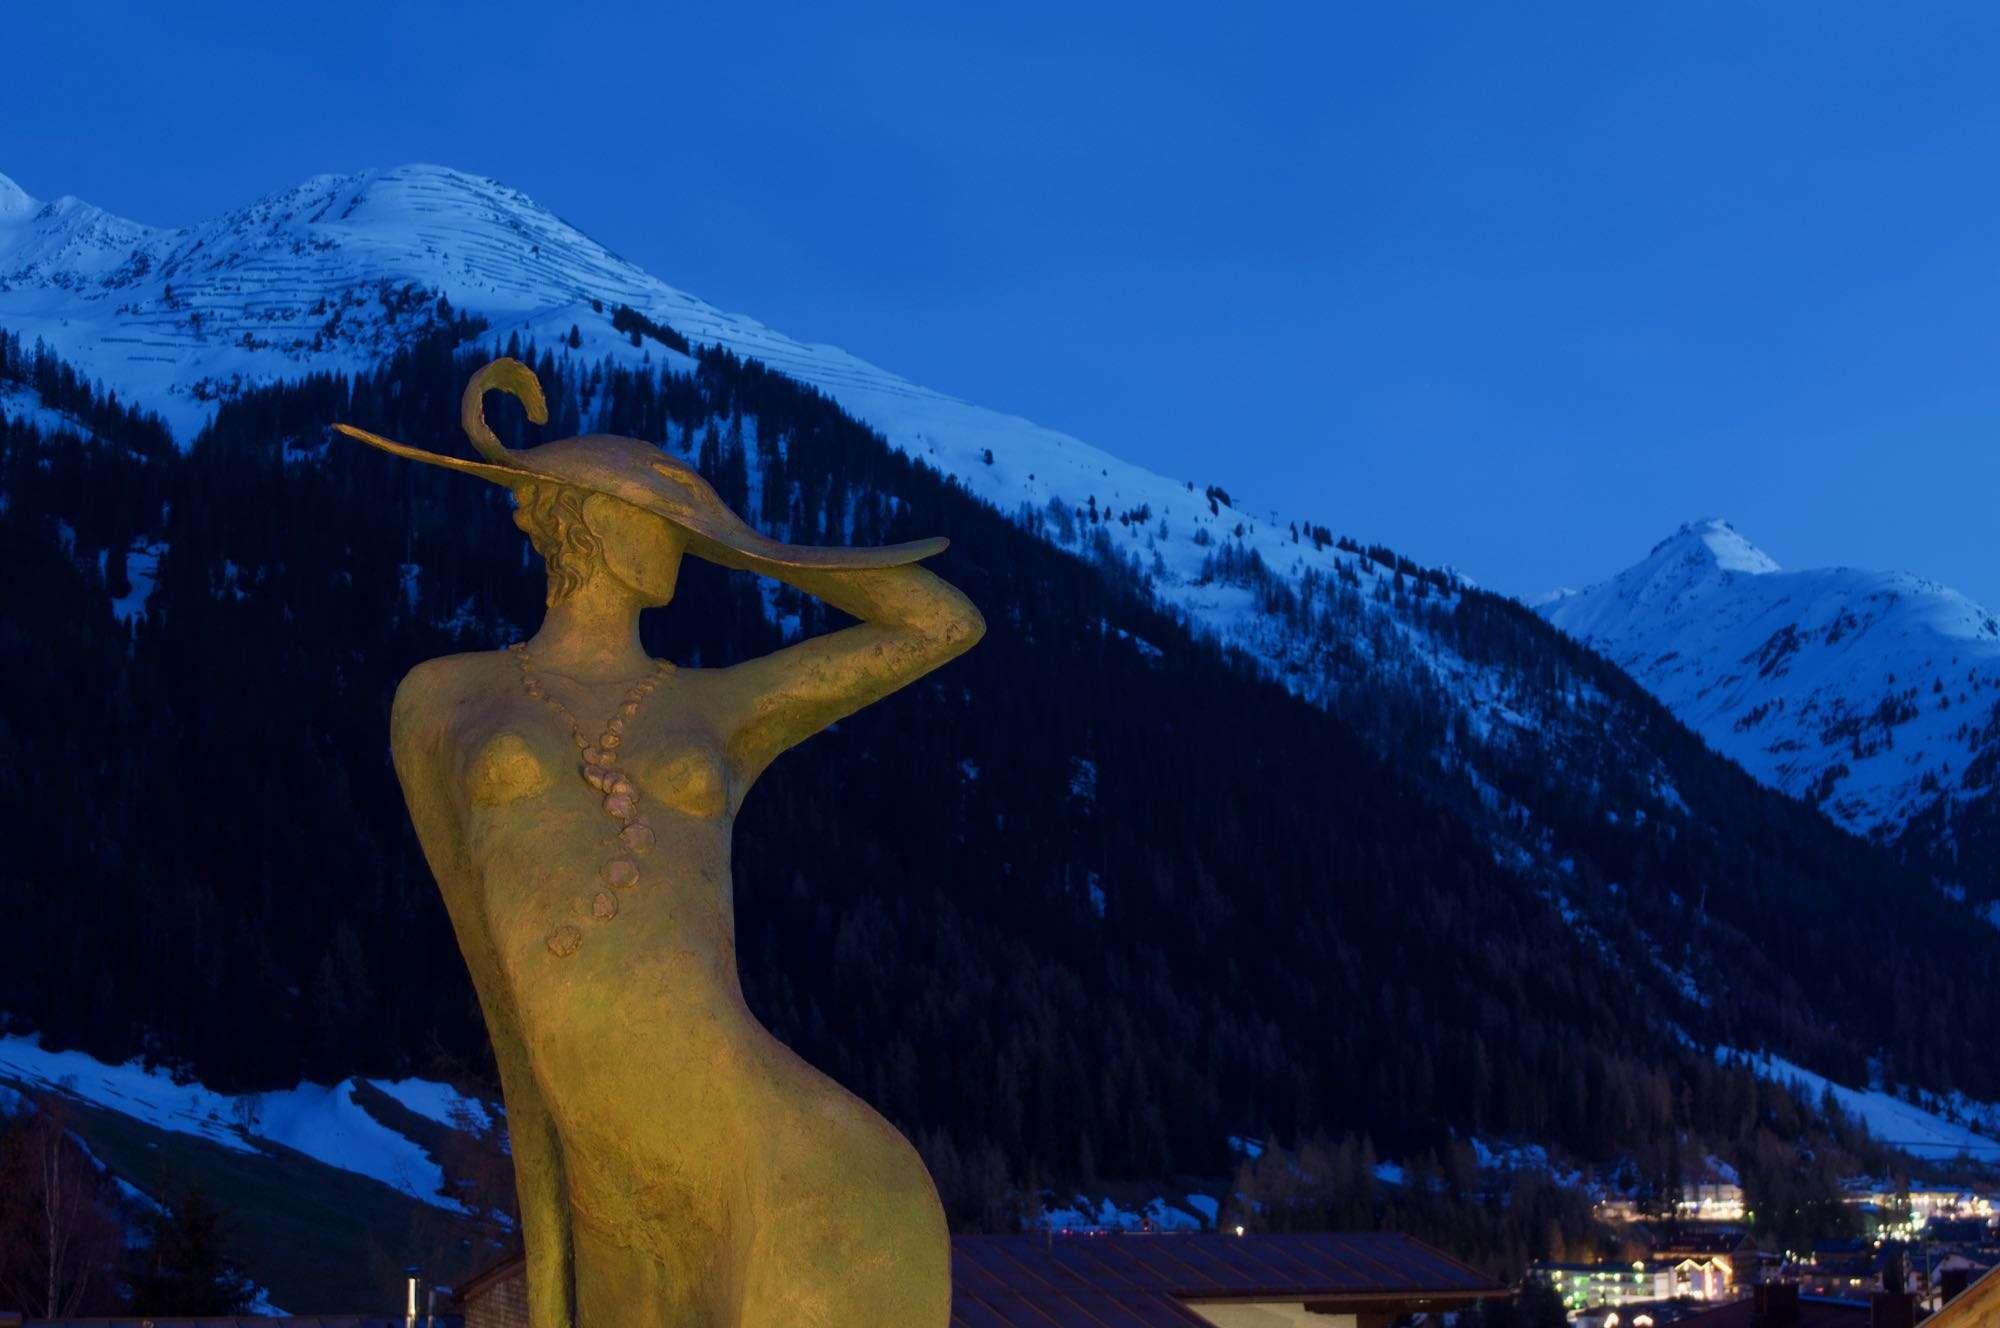 Artemis statue at dusk